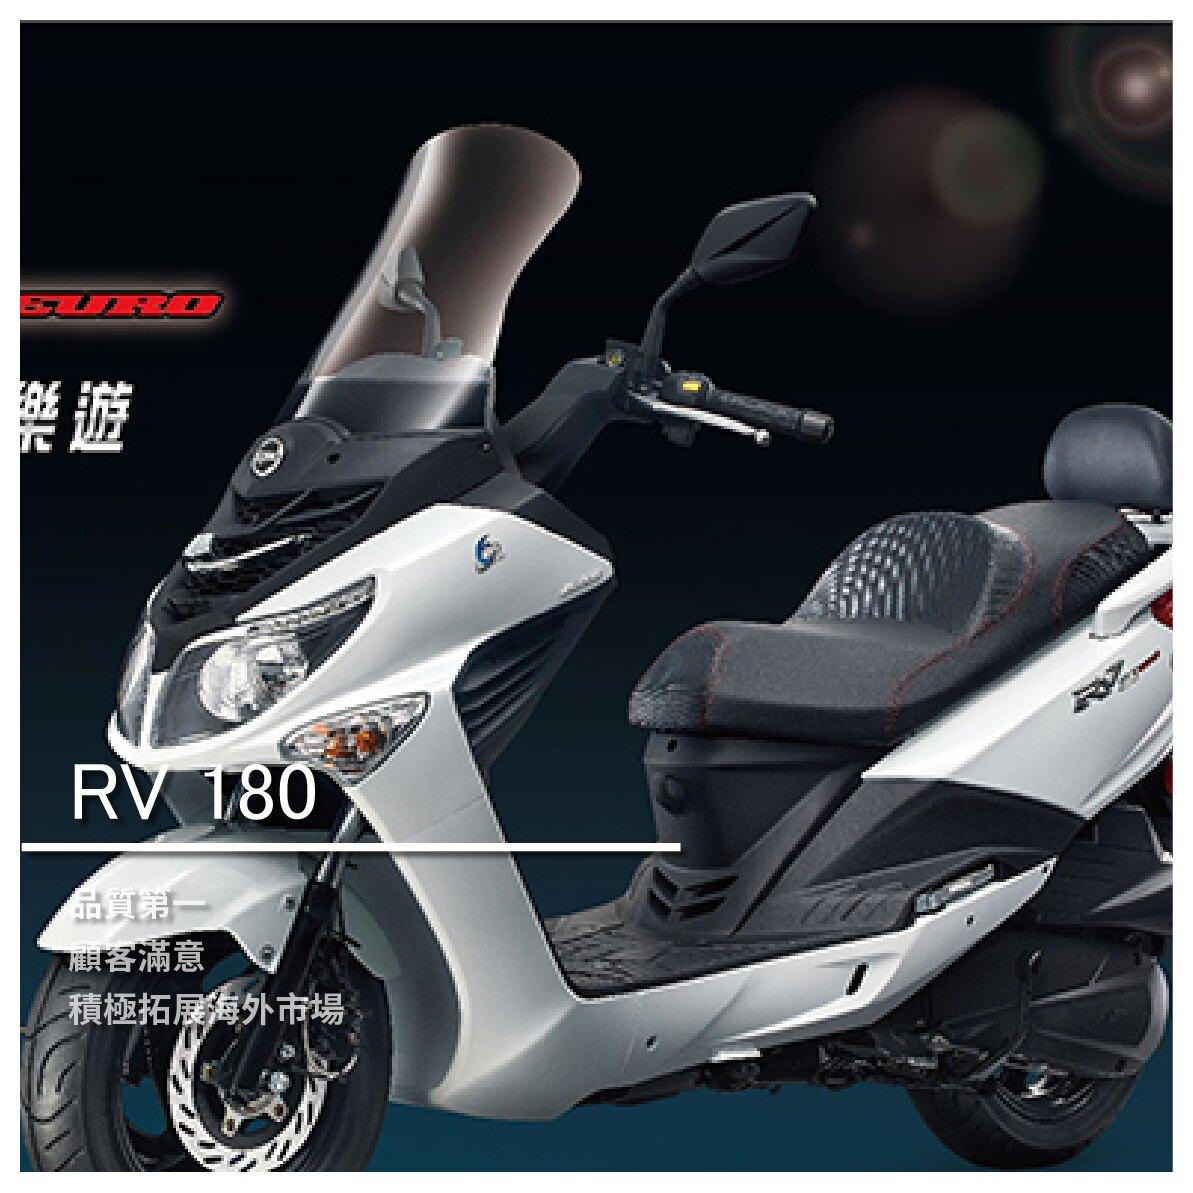 【SYM三陽機車-鋐安車業】RV 180 EURO/127500起